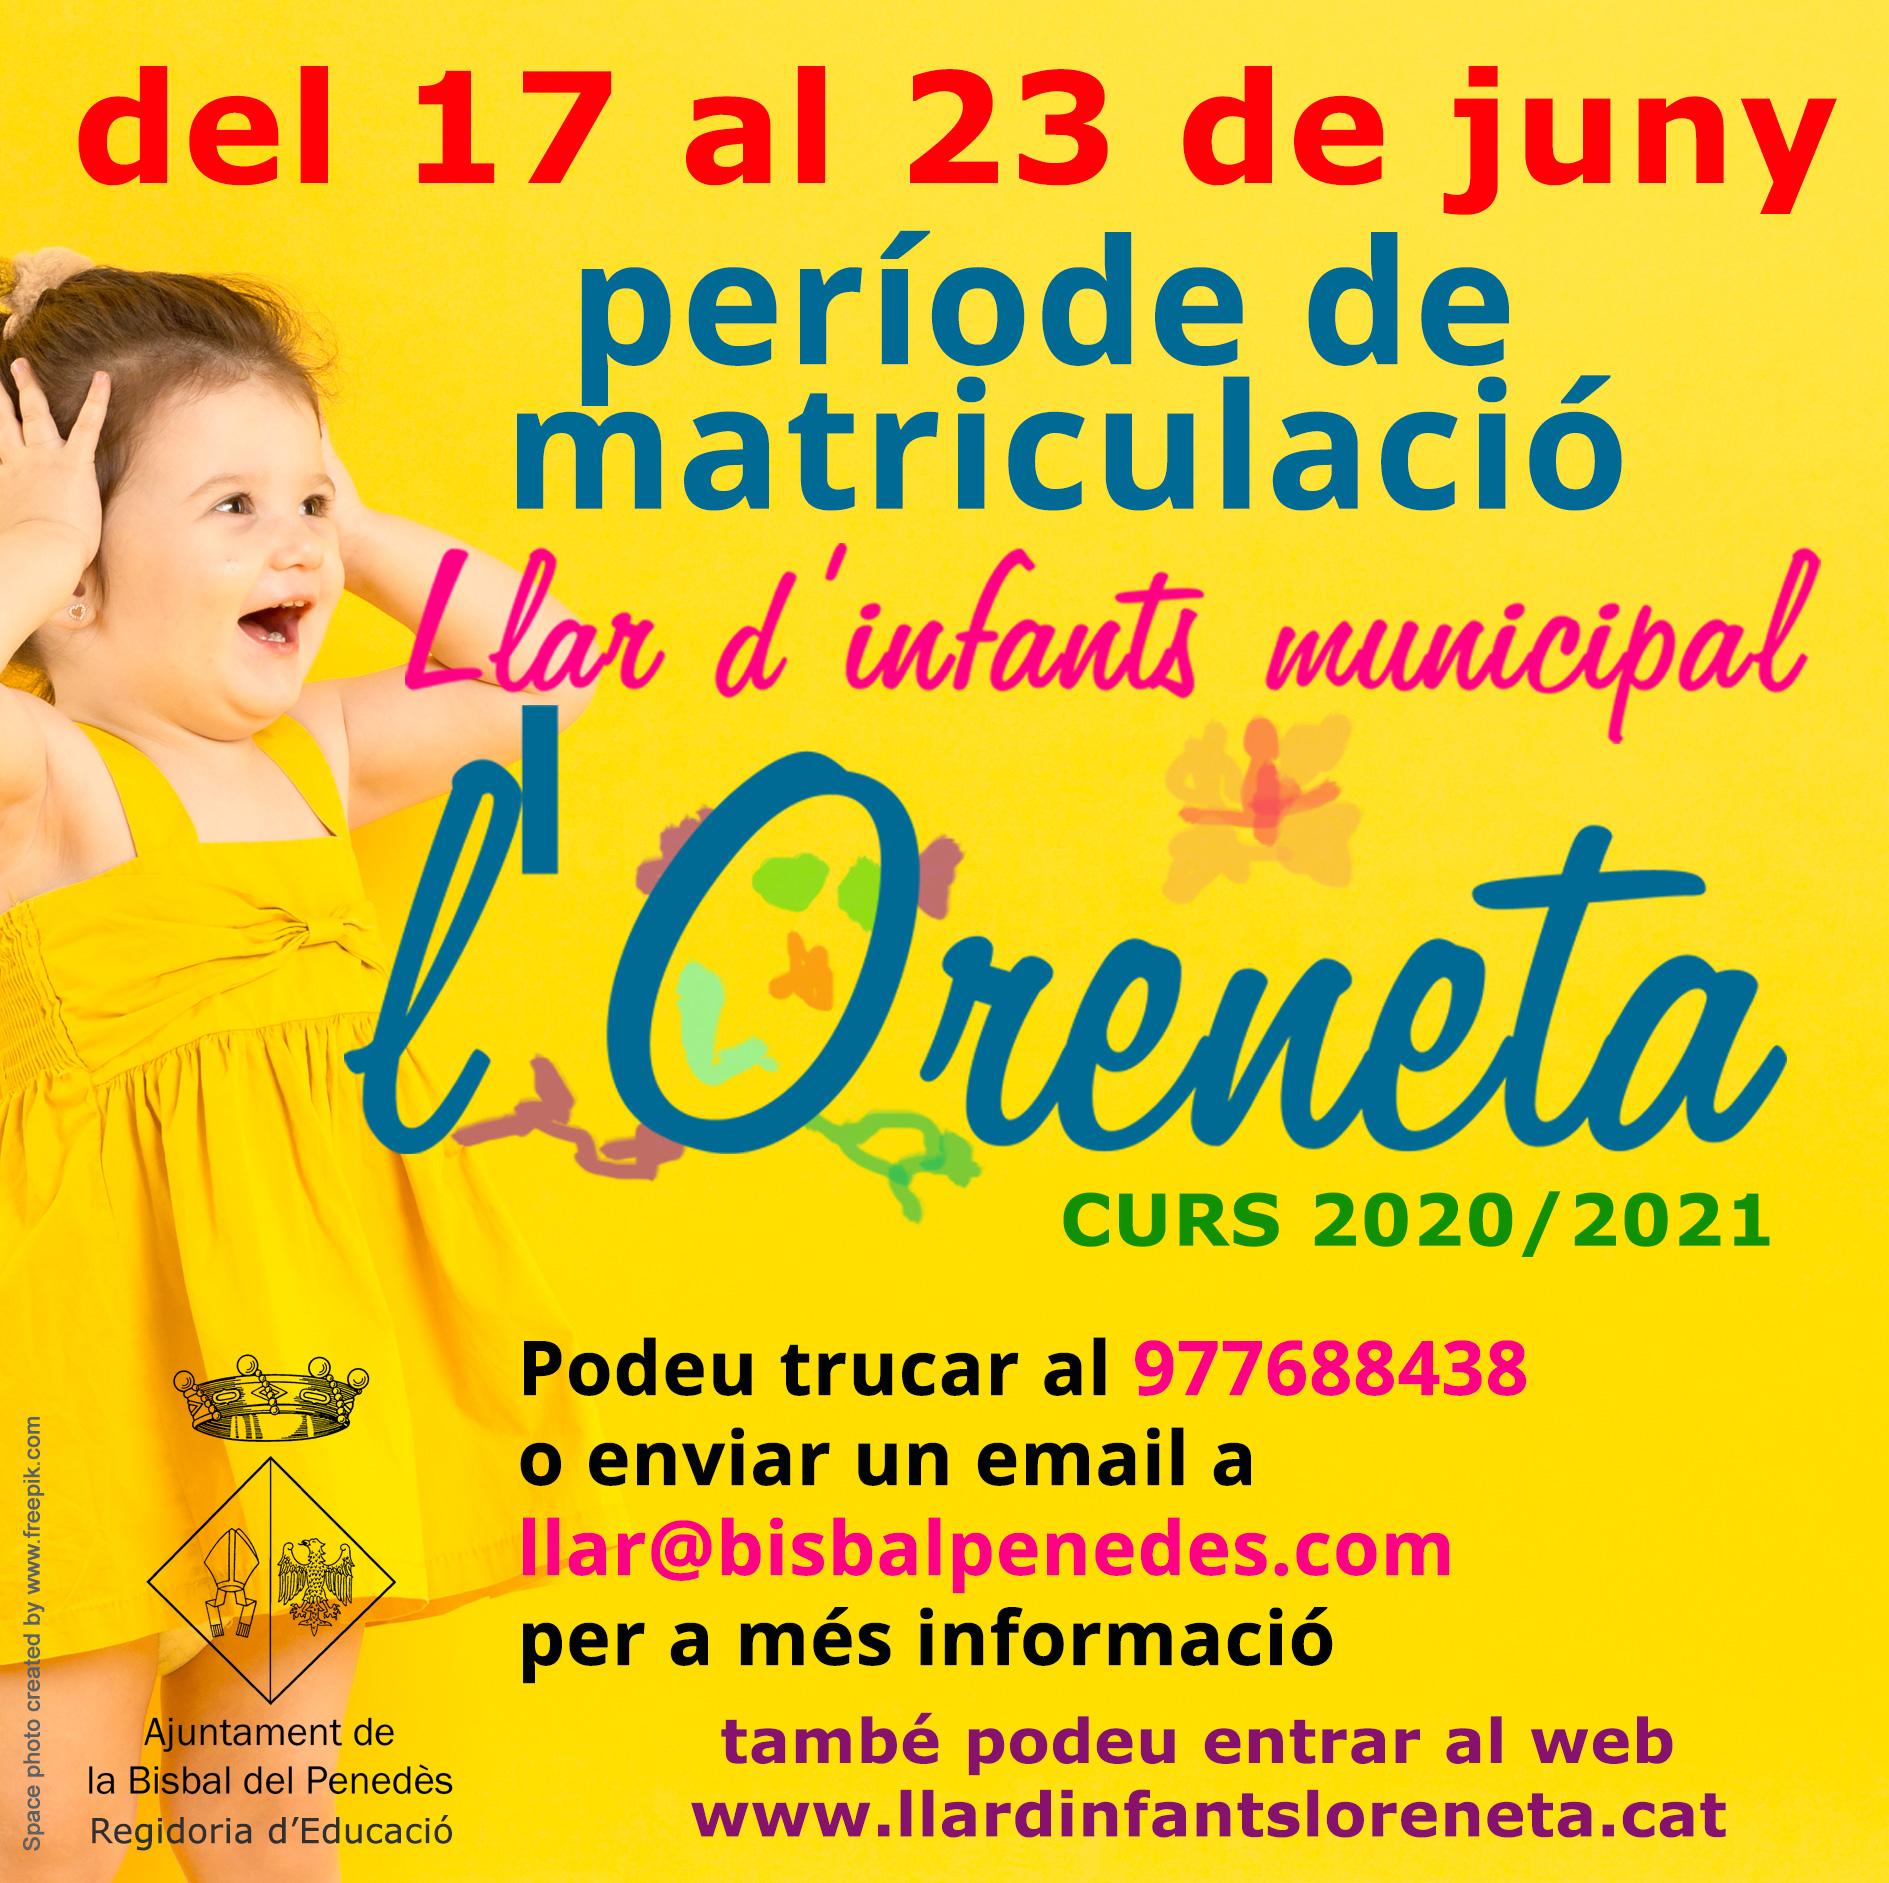 El dimecres 17 de juny s'obre el període de matriculacions per a la Llar d'infants municipal l'Oreneta